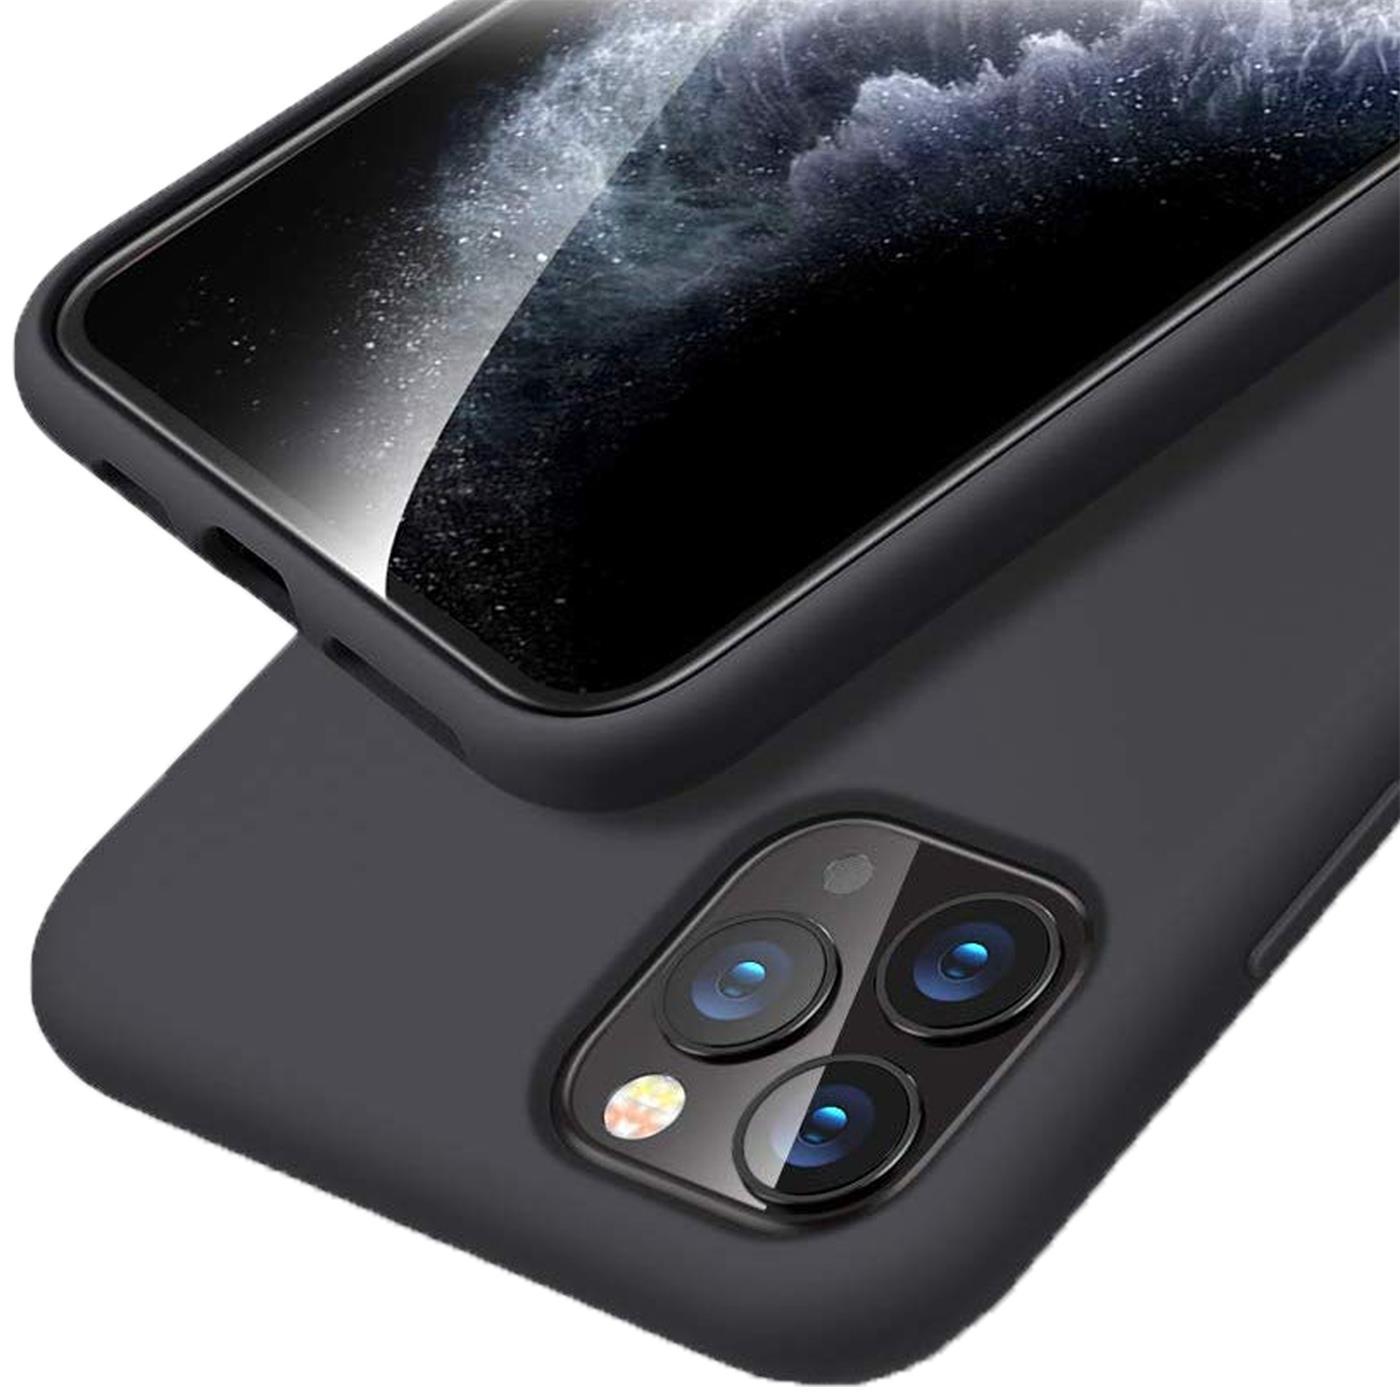 Silikon-Huelle-Schutzhuelle-Handy-Tasche-Handyhuelle-Slim-Case-Cover-Duenn-matt-Etui Indexbild 9